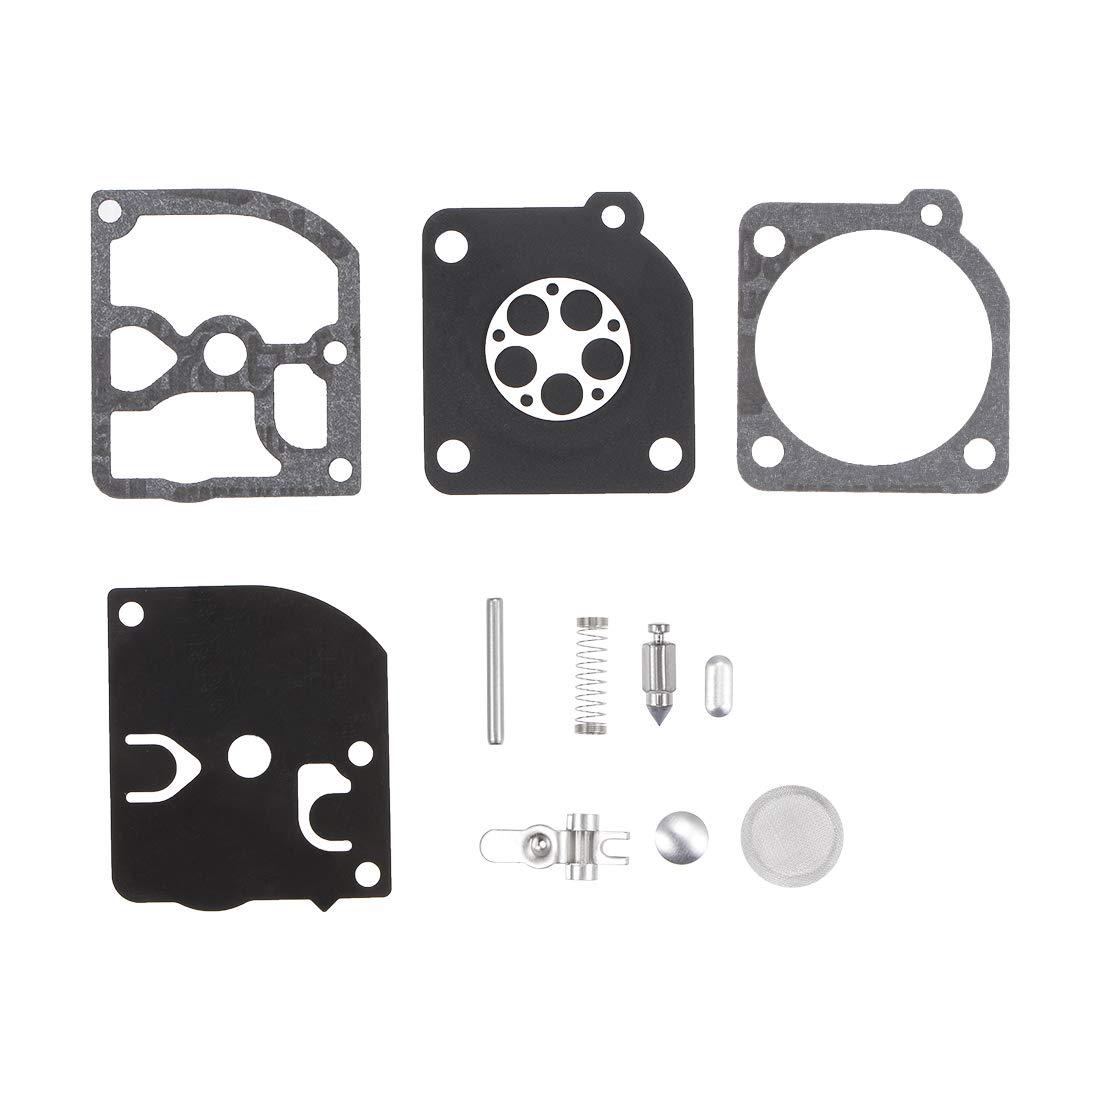 uxcell RB-105 Carburetor Rebuild Kit Gasket Diaphragm for Stihl 021 023 025 Ms210 Ms230 Ms250 Engines Carb